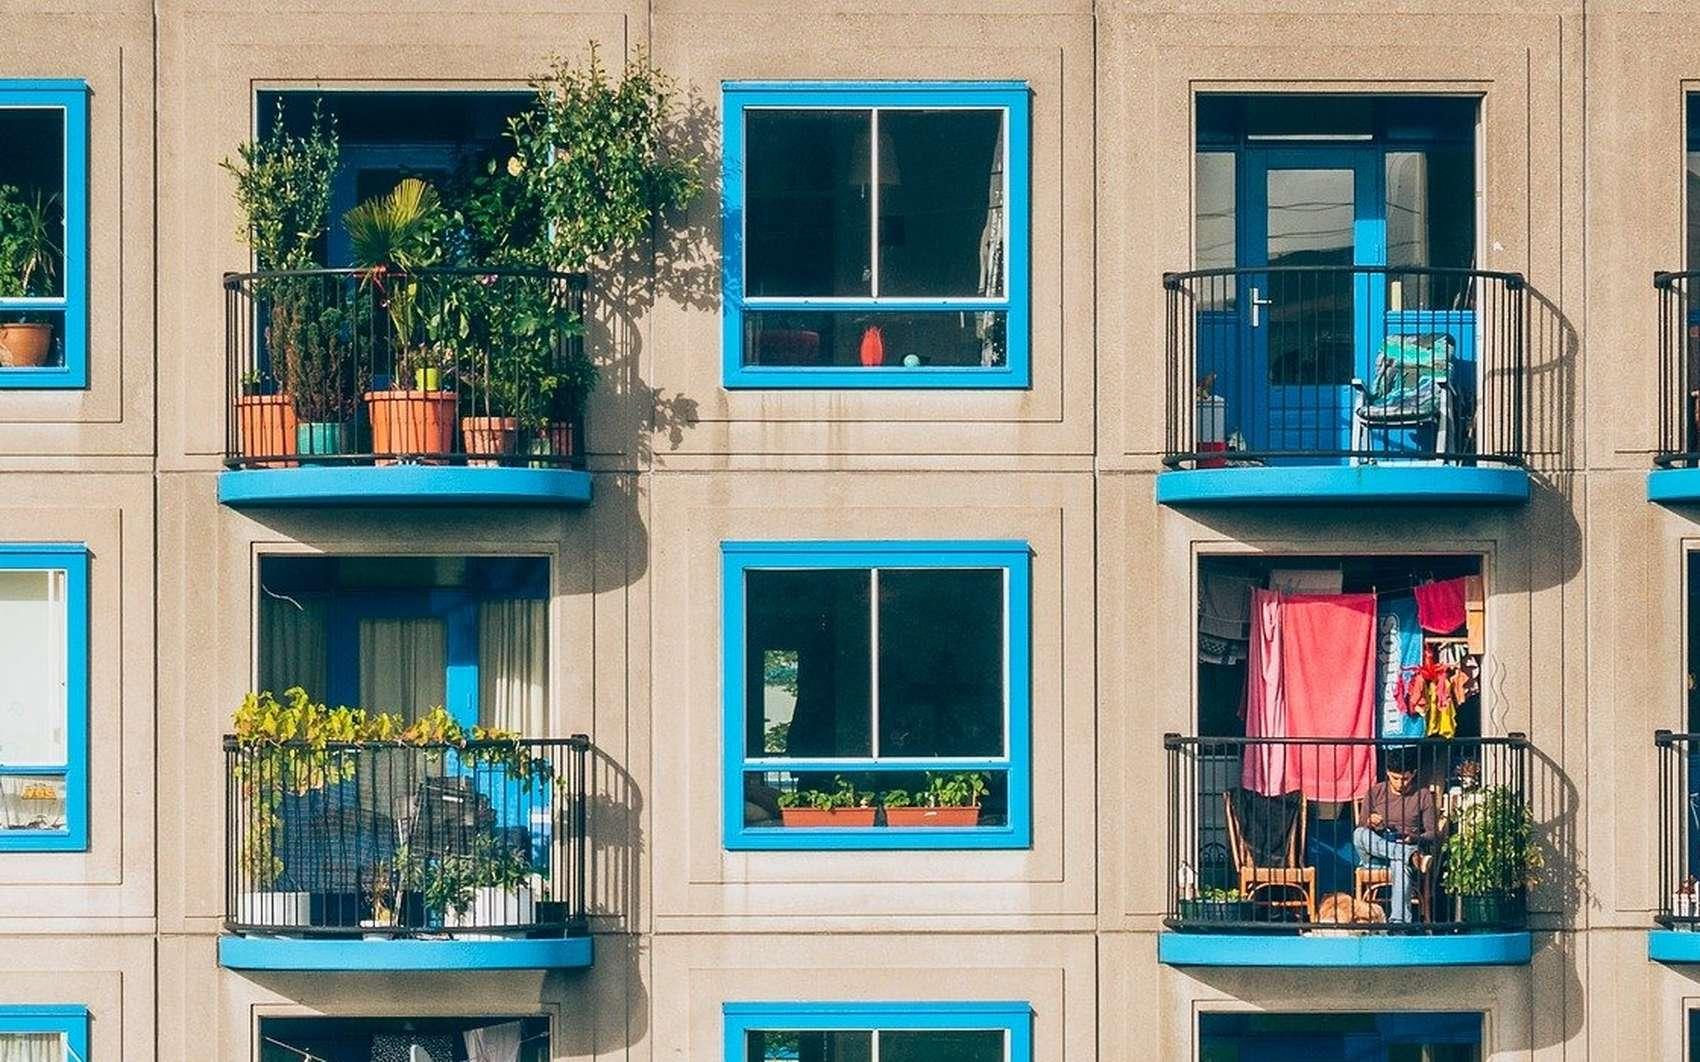 Chacun aménage son balcon comme il le souhaite : certains le préfèrent basique tandis que d'autres optent pour une importante végétation. © Pixabay